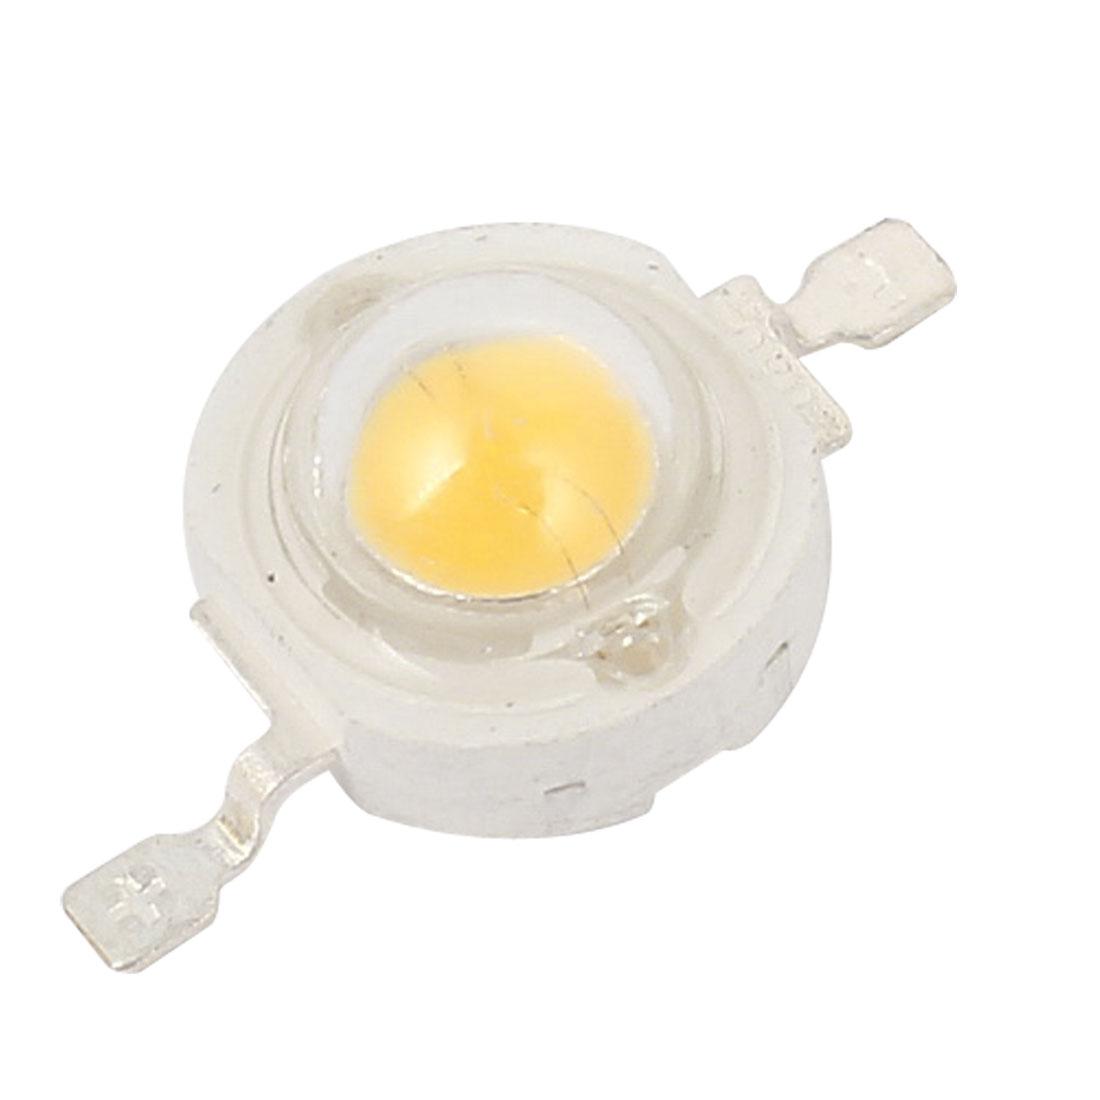 1W Power Warm White LED Light Bead Emitter 100-110LM 3000K-3500K